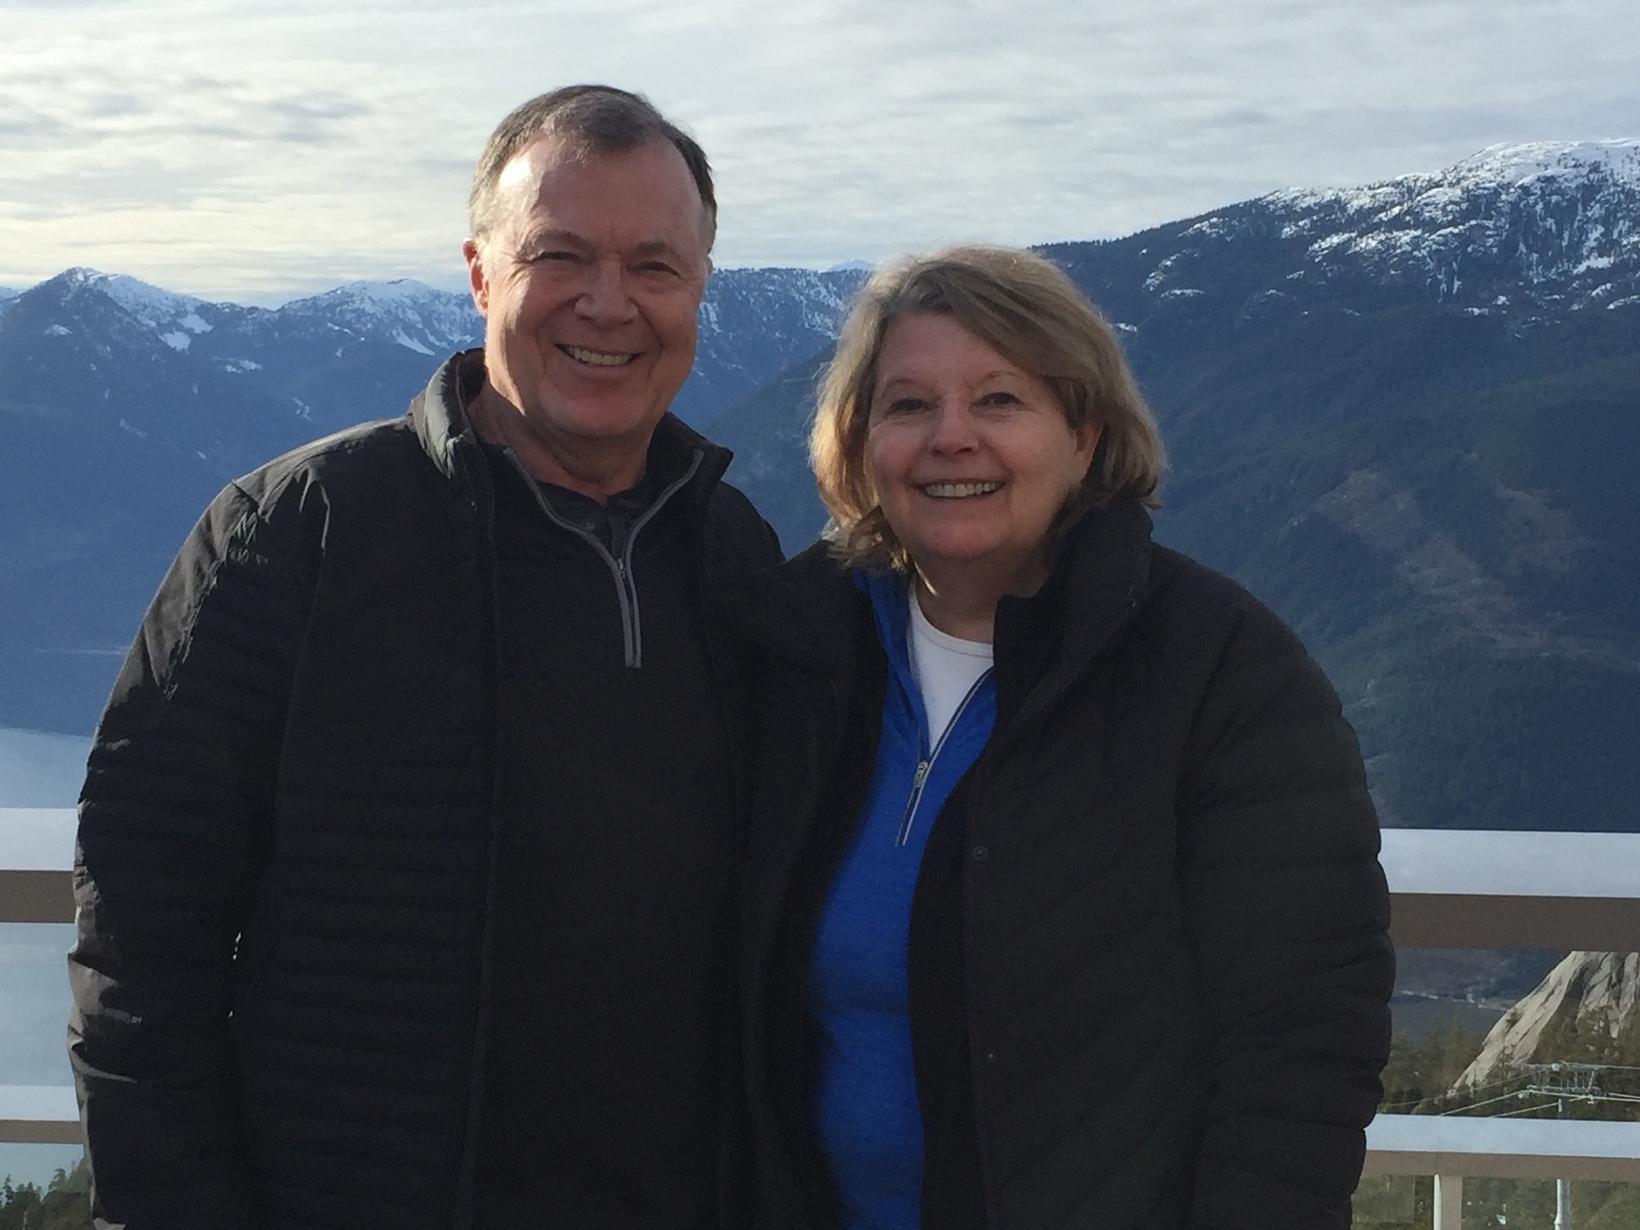 Bonnie & Warren from Calgary, Alberta, Canada